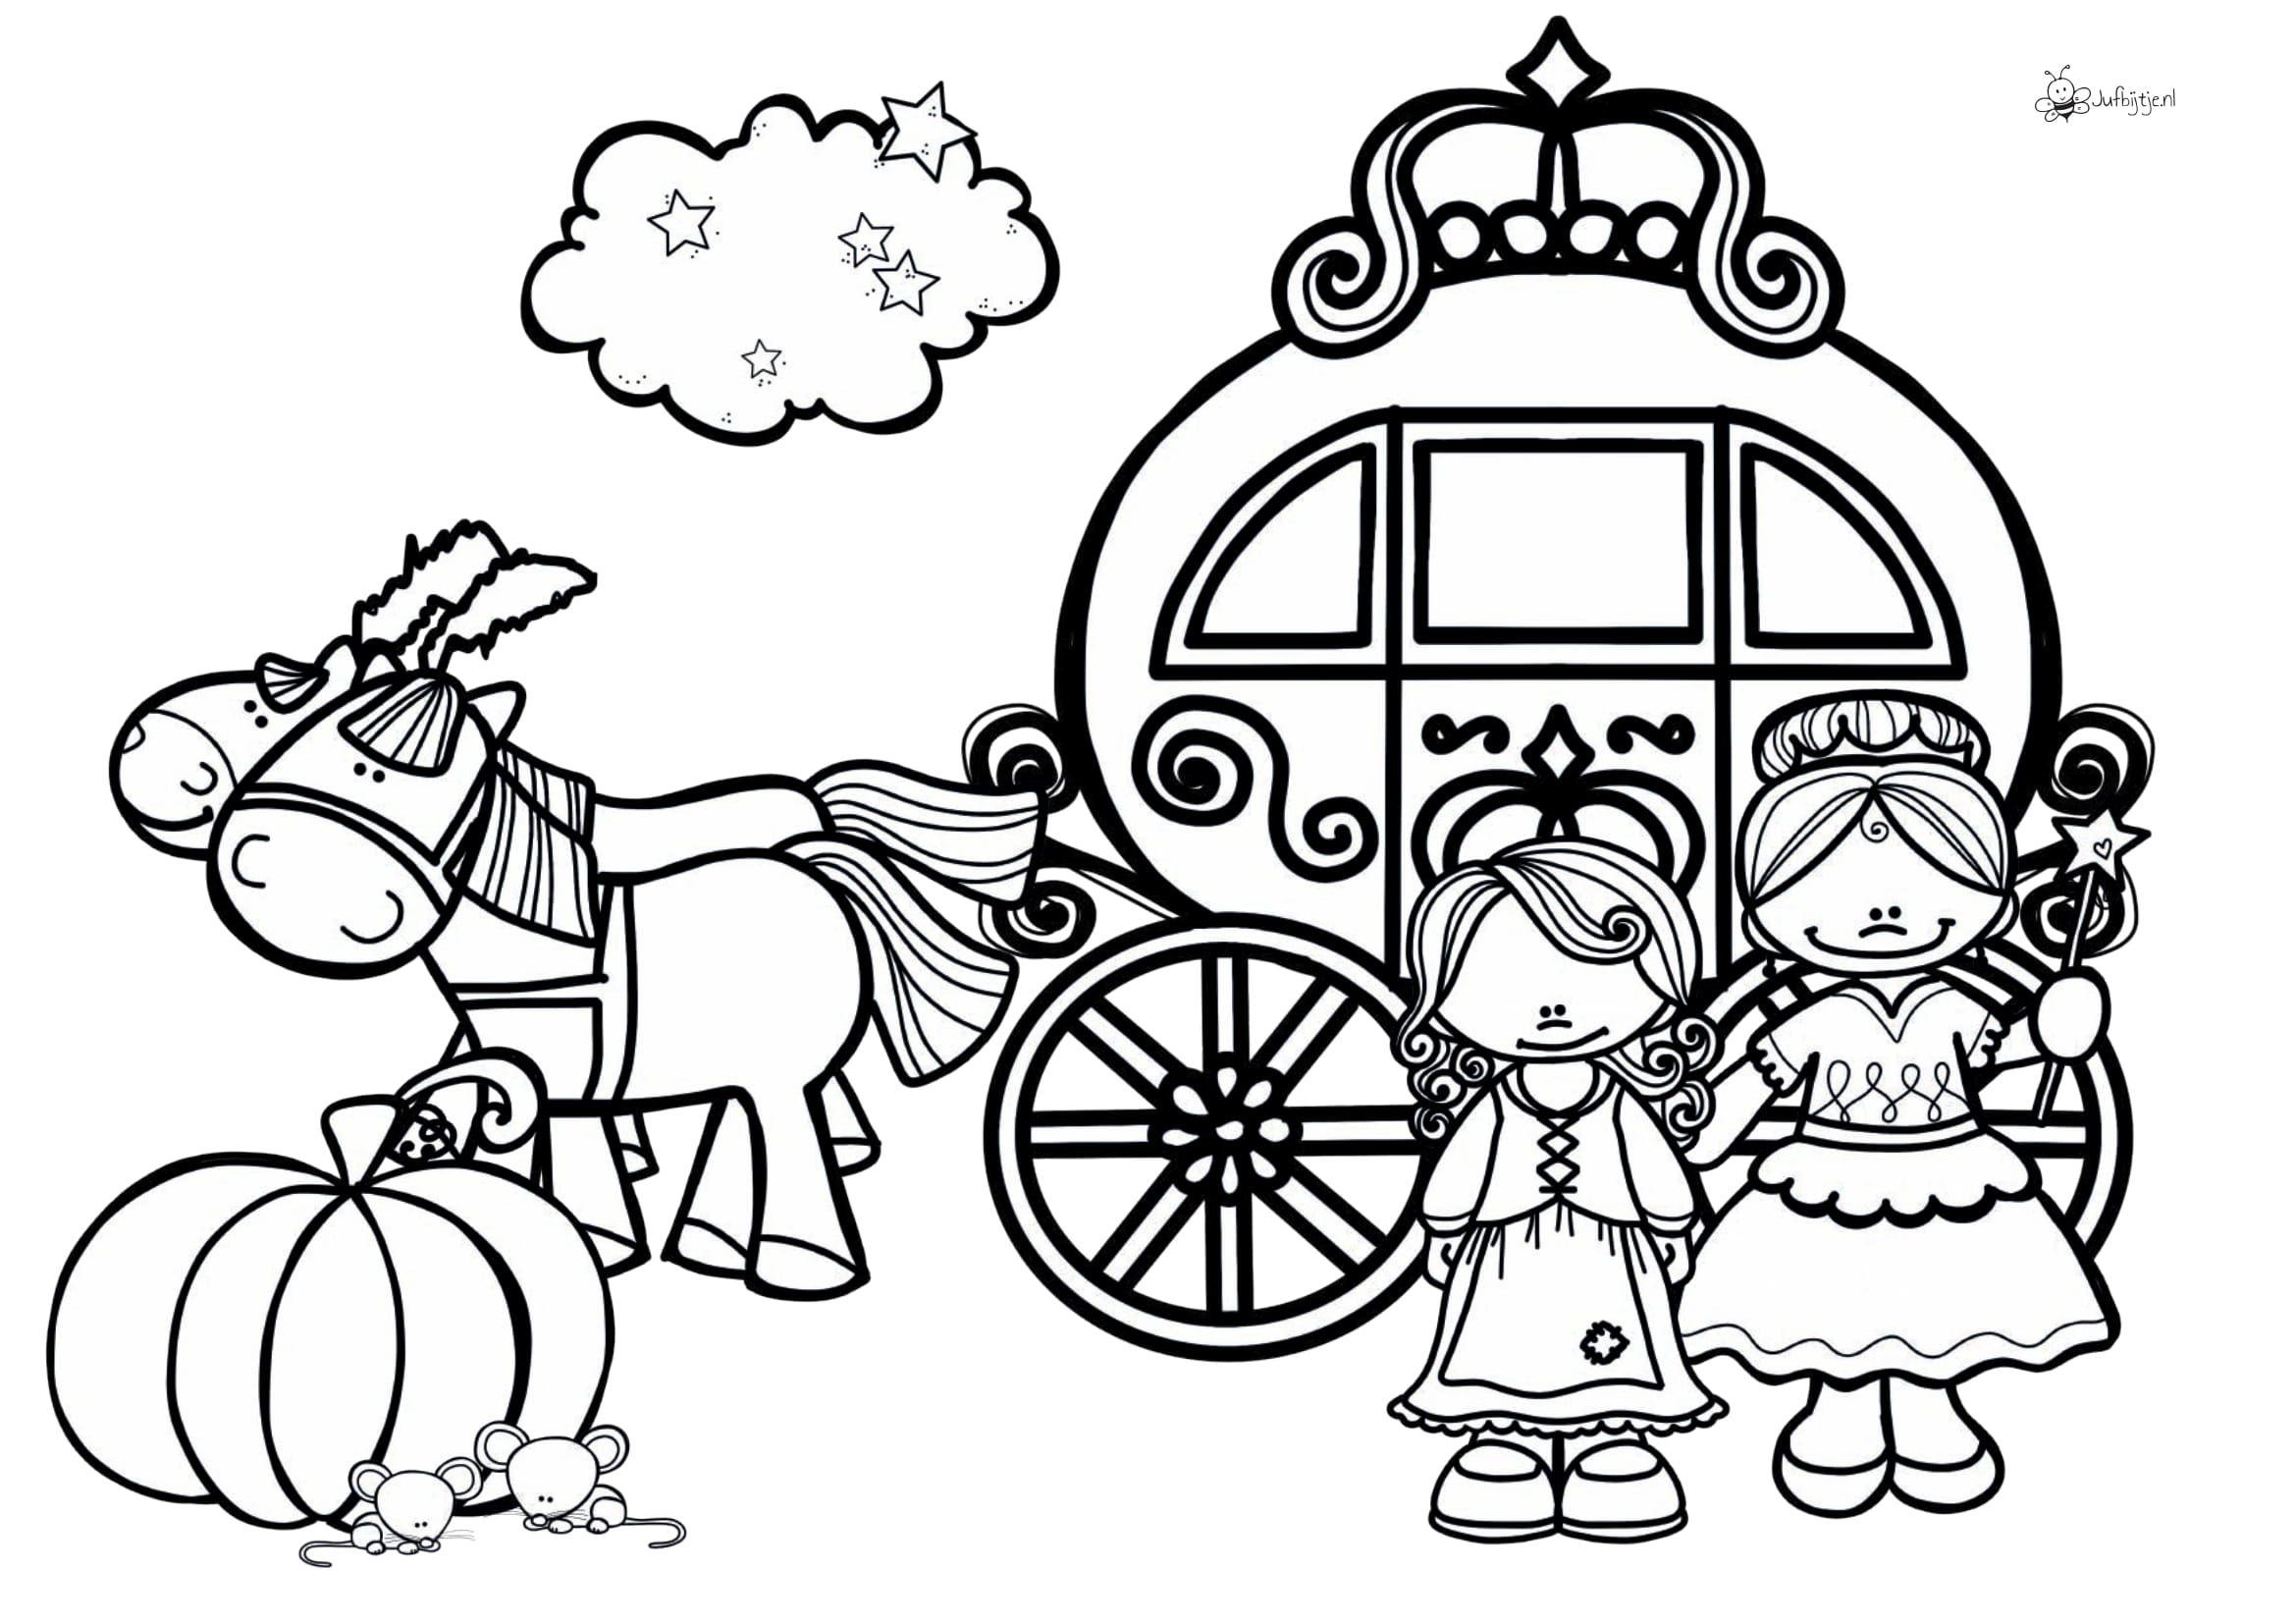 Kleurplaten Thema Sprookjes Roodkapje Assepoester Doornroosje Sneeuwwitje Jufbijtje Nl Doornroosje Sprookjes Sneeuwwitje